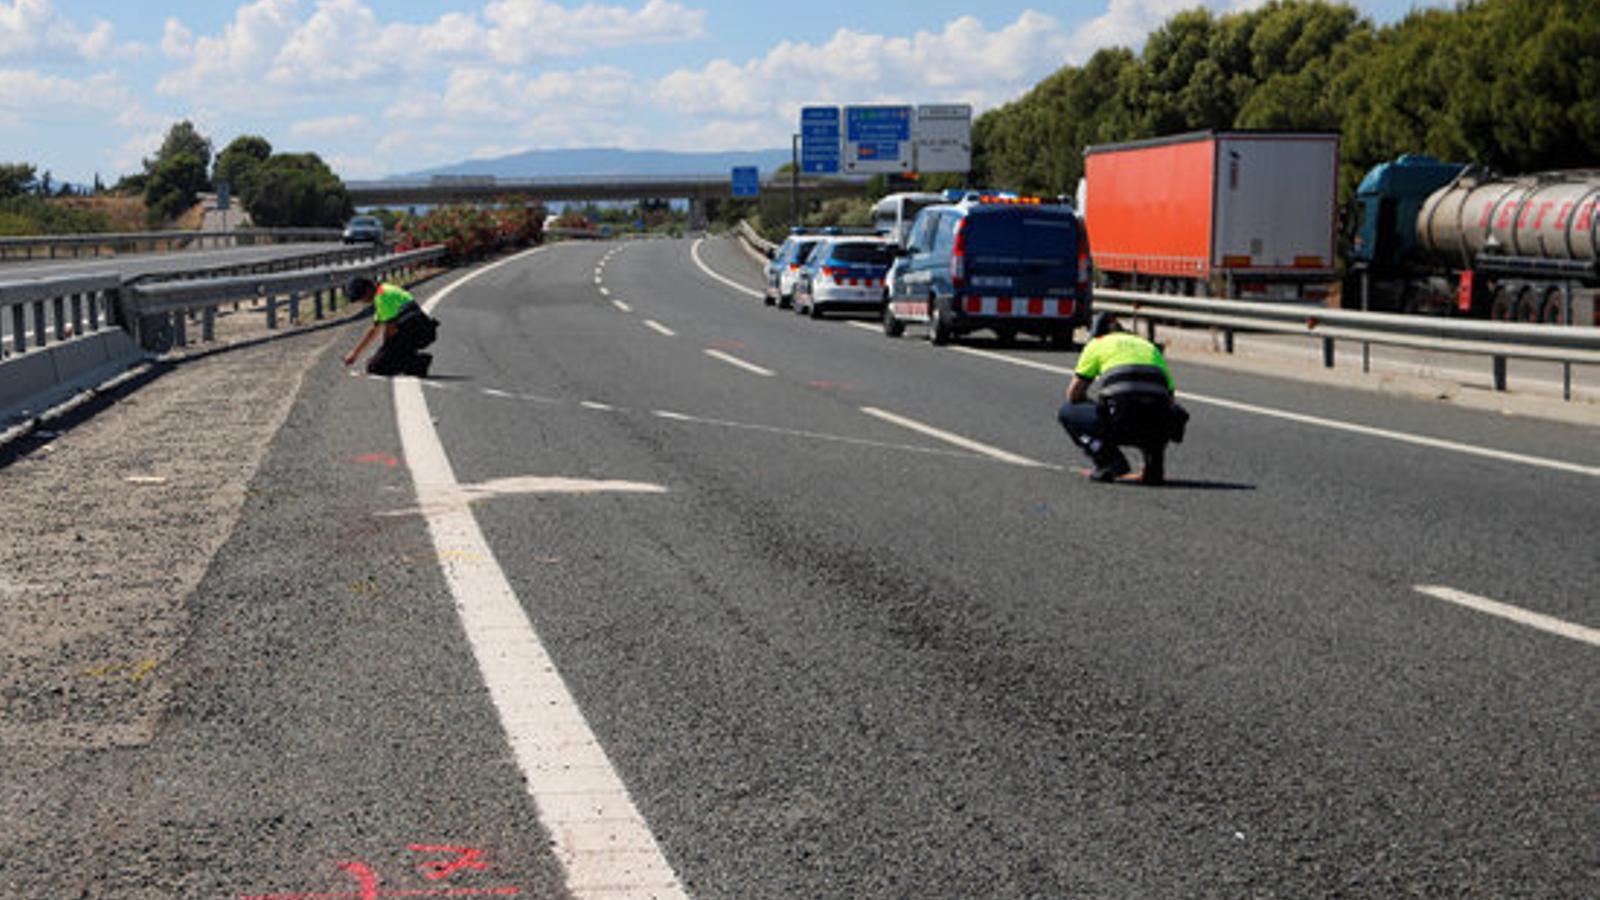 Dos agents dels Mossos d'Esquadra treballant en la investigació de l'accident on ha mort un motorista